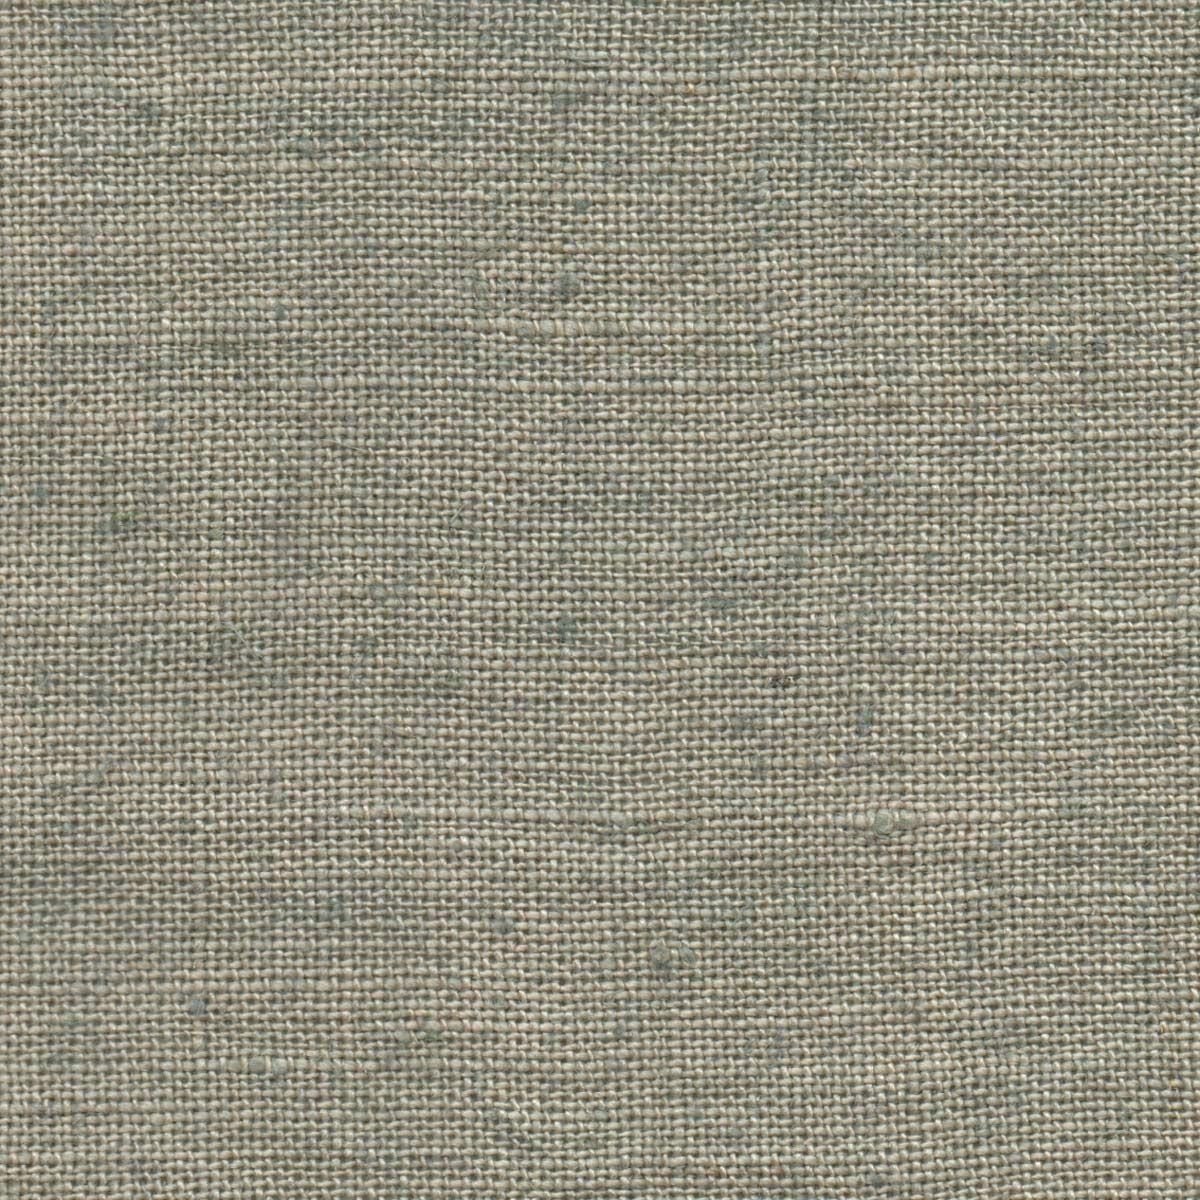 tissu lin couture tissus pinterest tissu lin et tissu. Black Bedroom Furniture Sets. Home Design Ideas